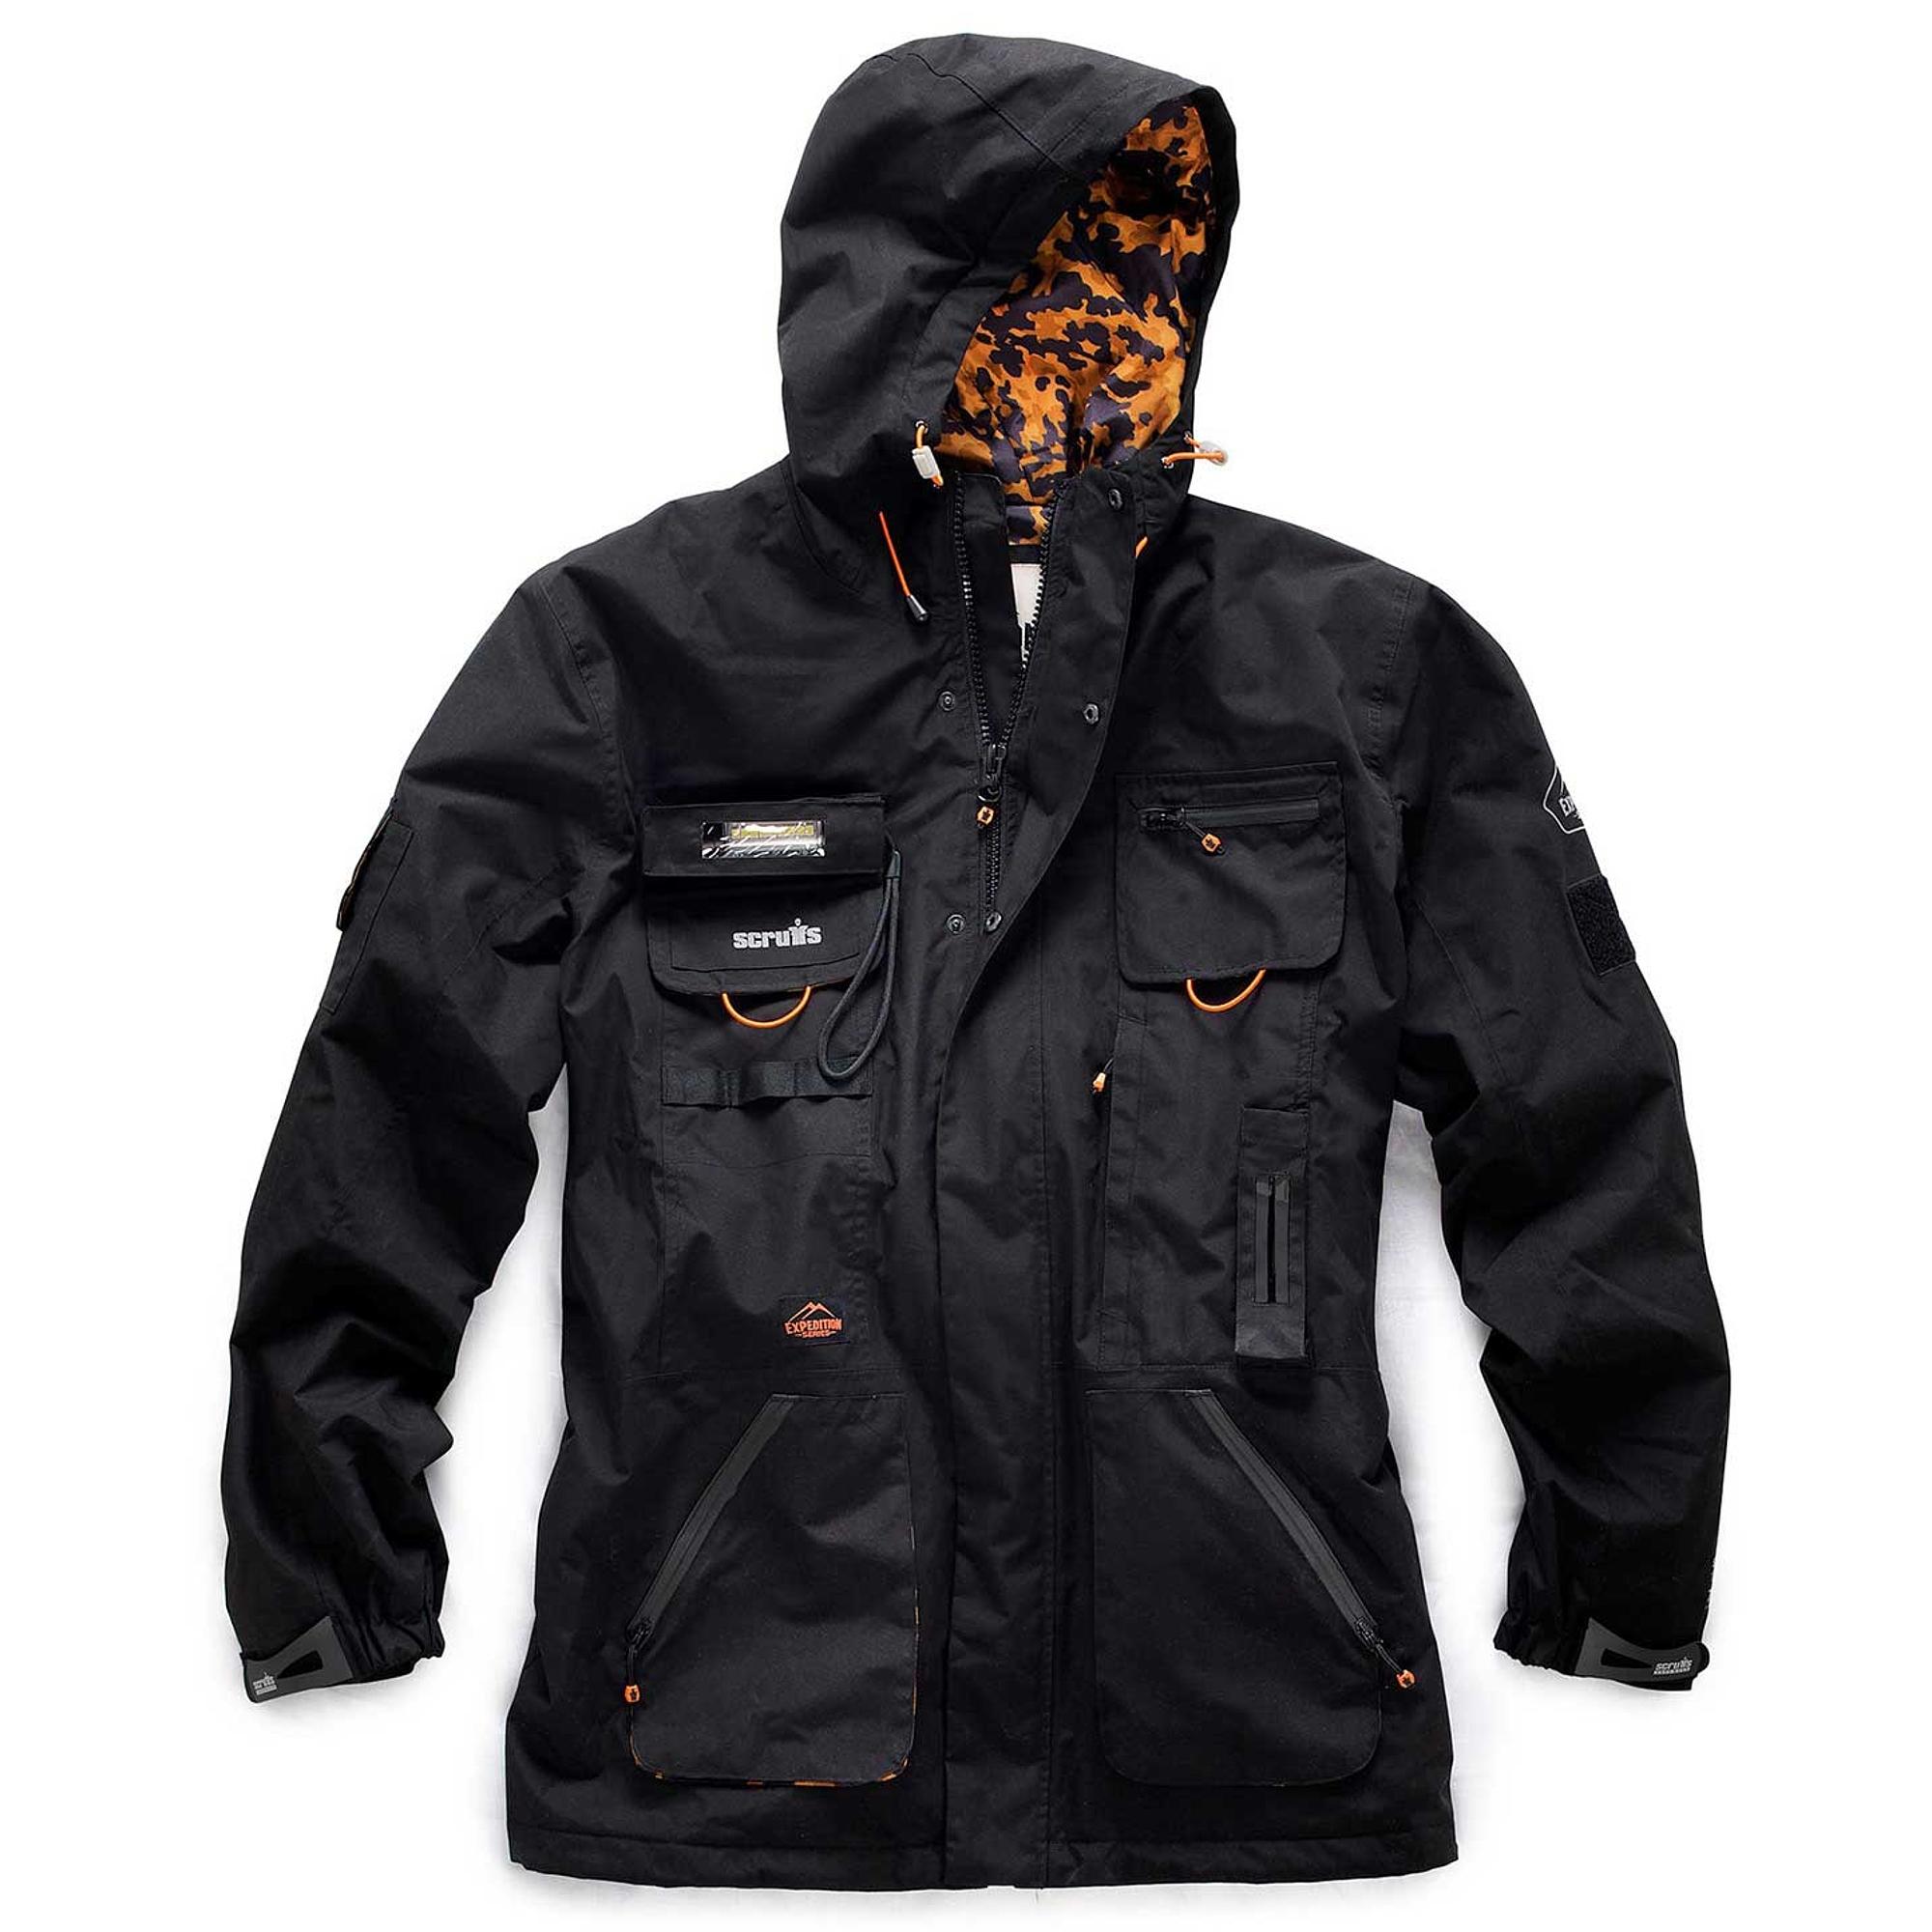 Scruffs Expedition Tech Jacket kabát